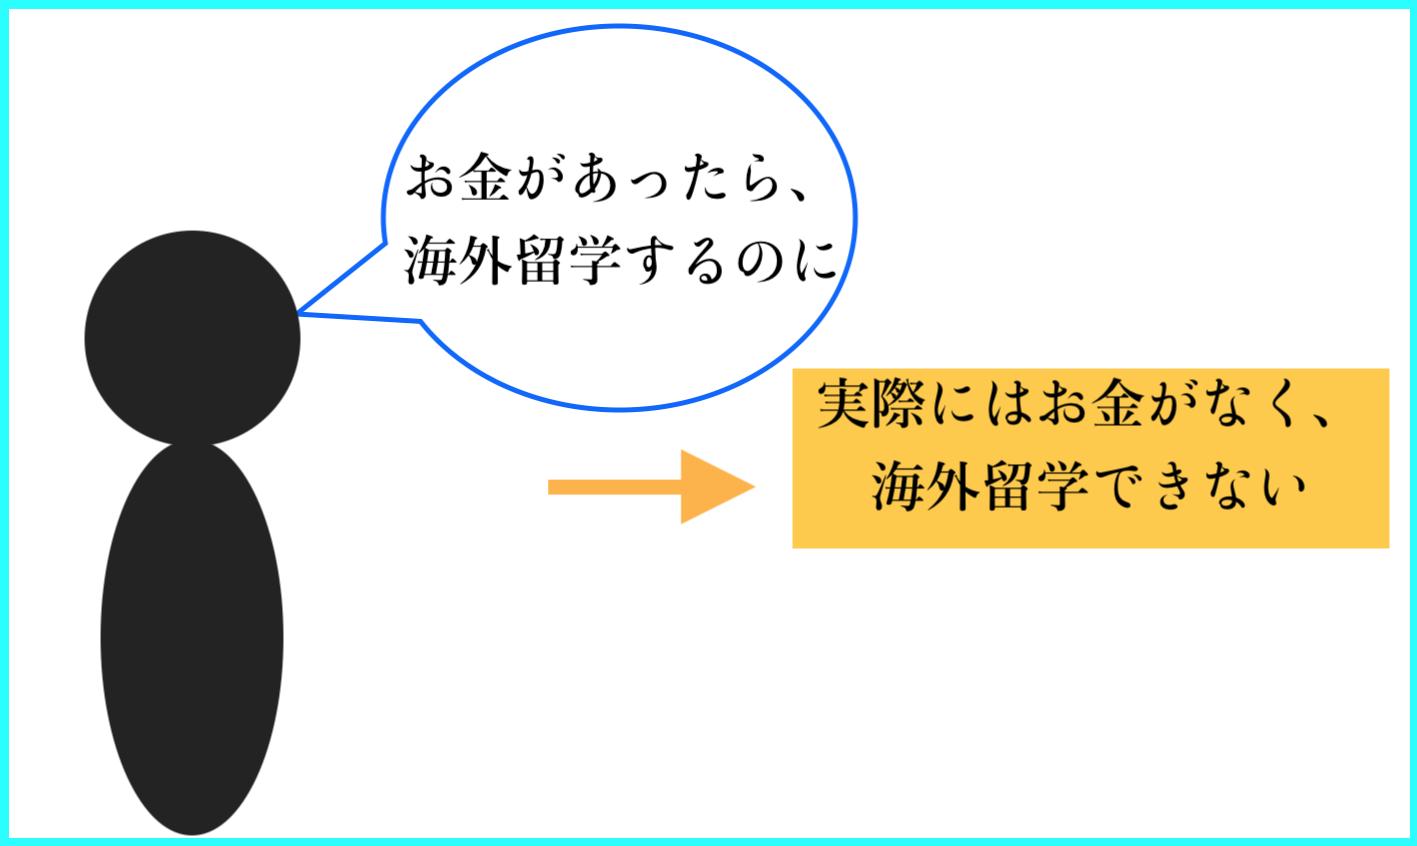 仮定法過去の用法例(筆者自作)